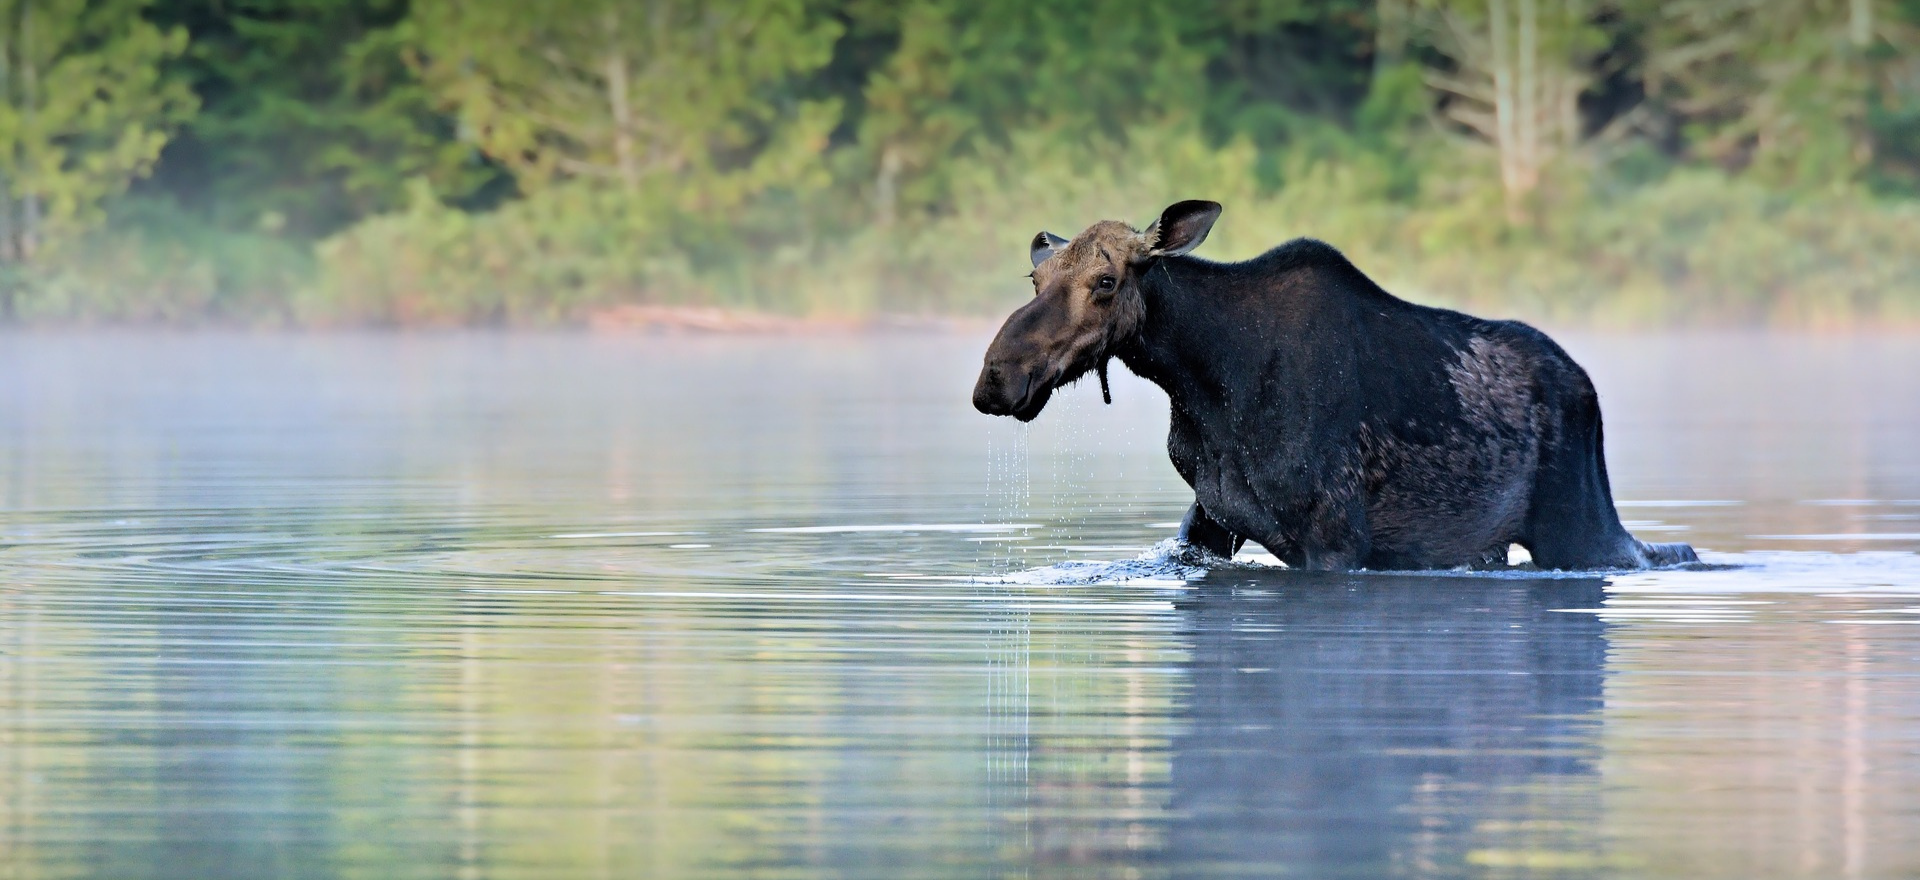 Moose River Resort, LLC